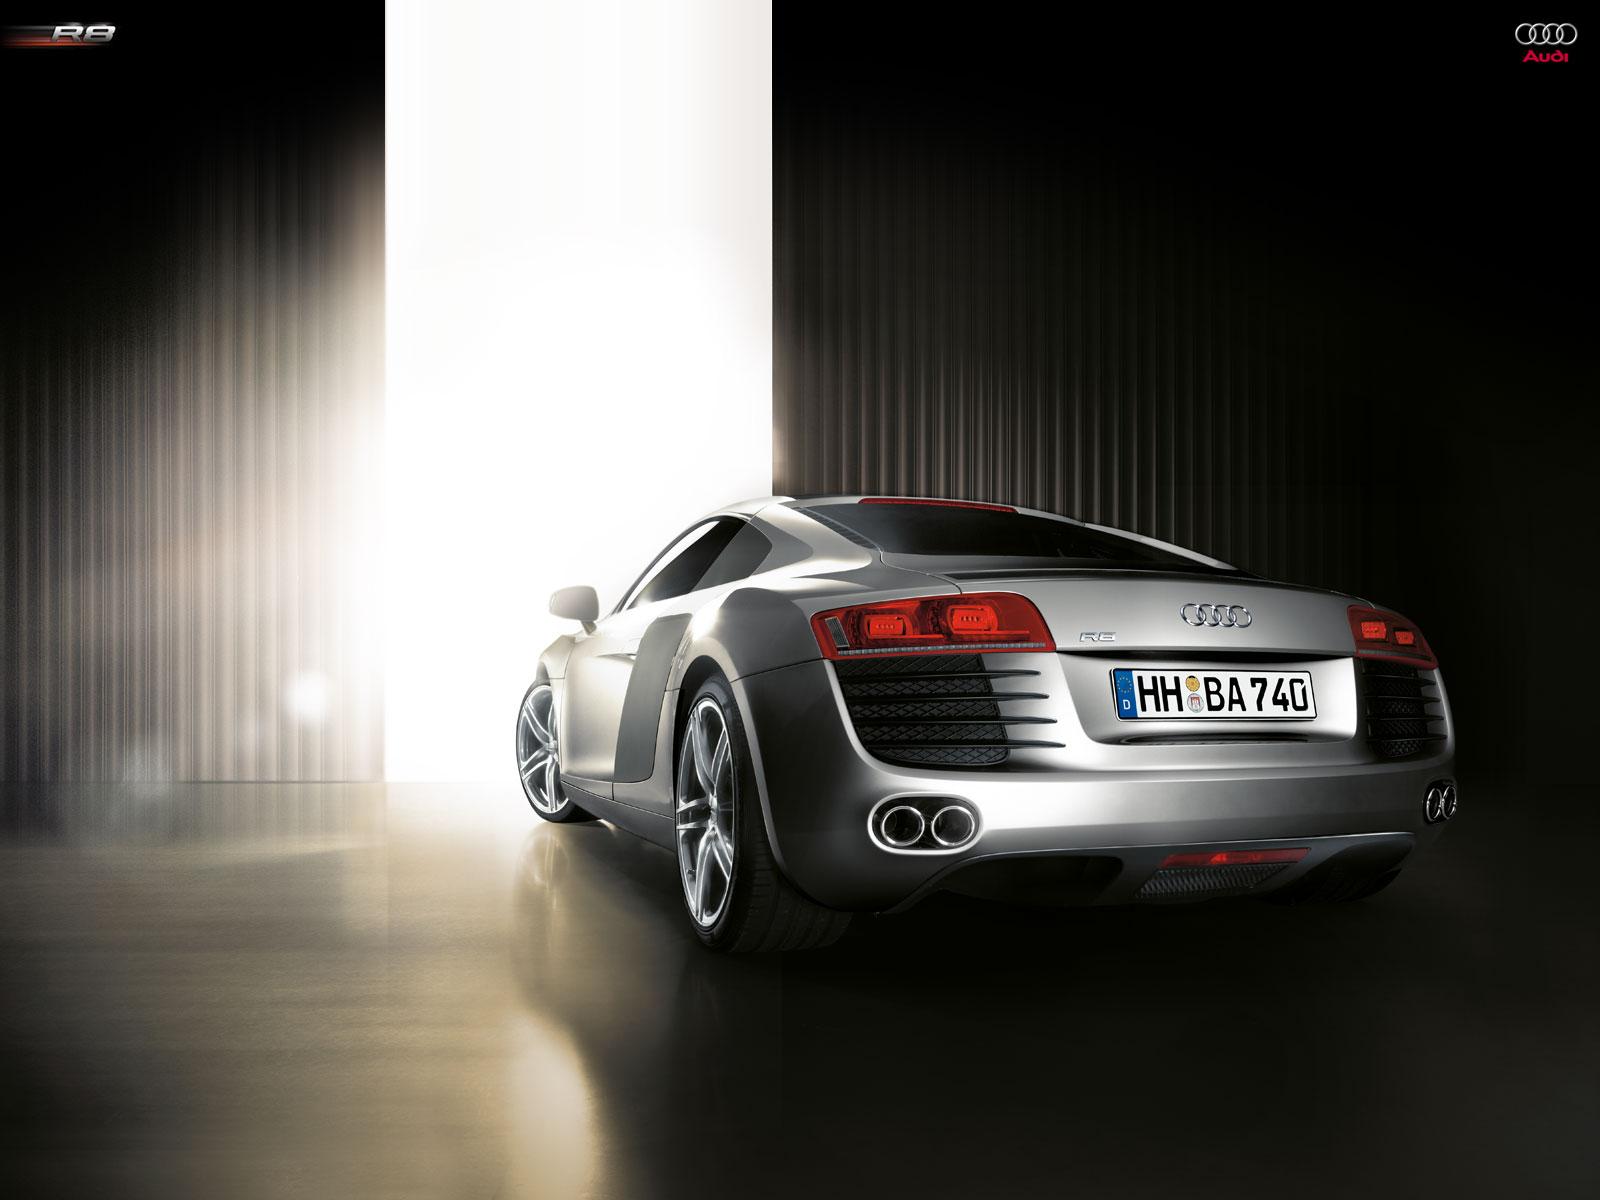 http://1.bp.blogspot.com/-RXCOb9Hie0c/UBMOmAvGBQI/AAAAAAAAA7U/LKLnnOlhFV4/s1600/cars_0020.jpg